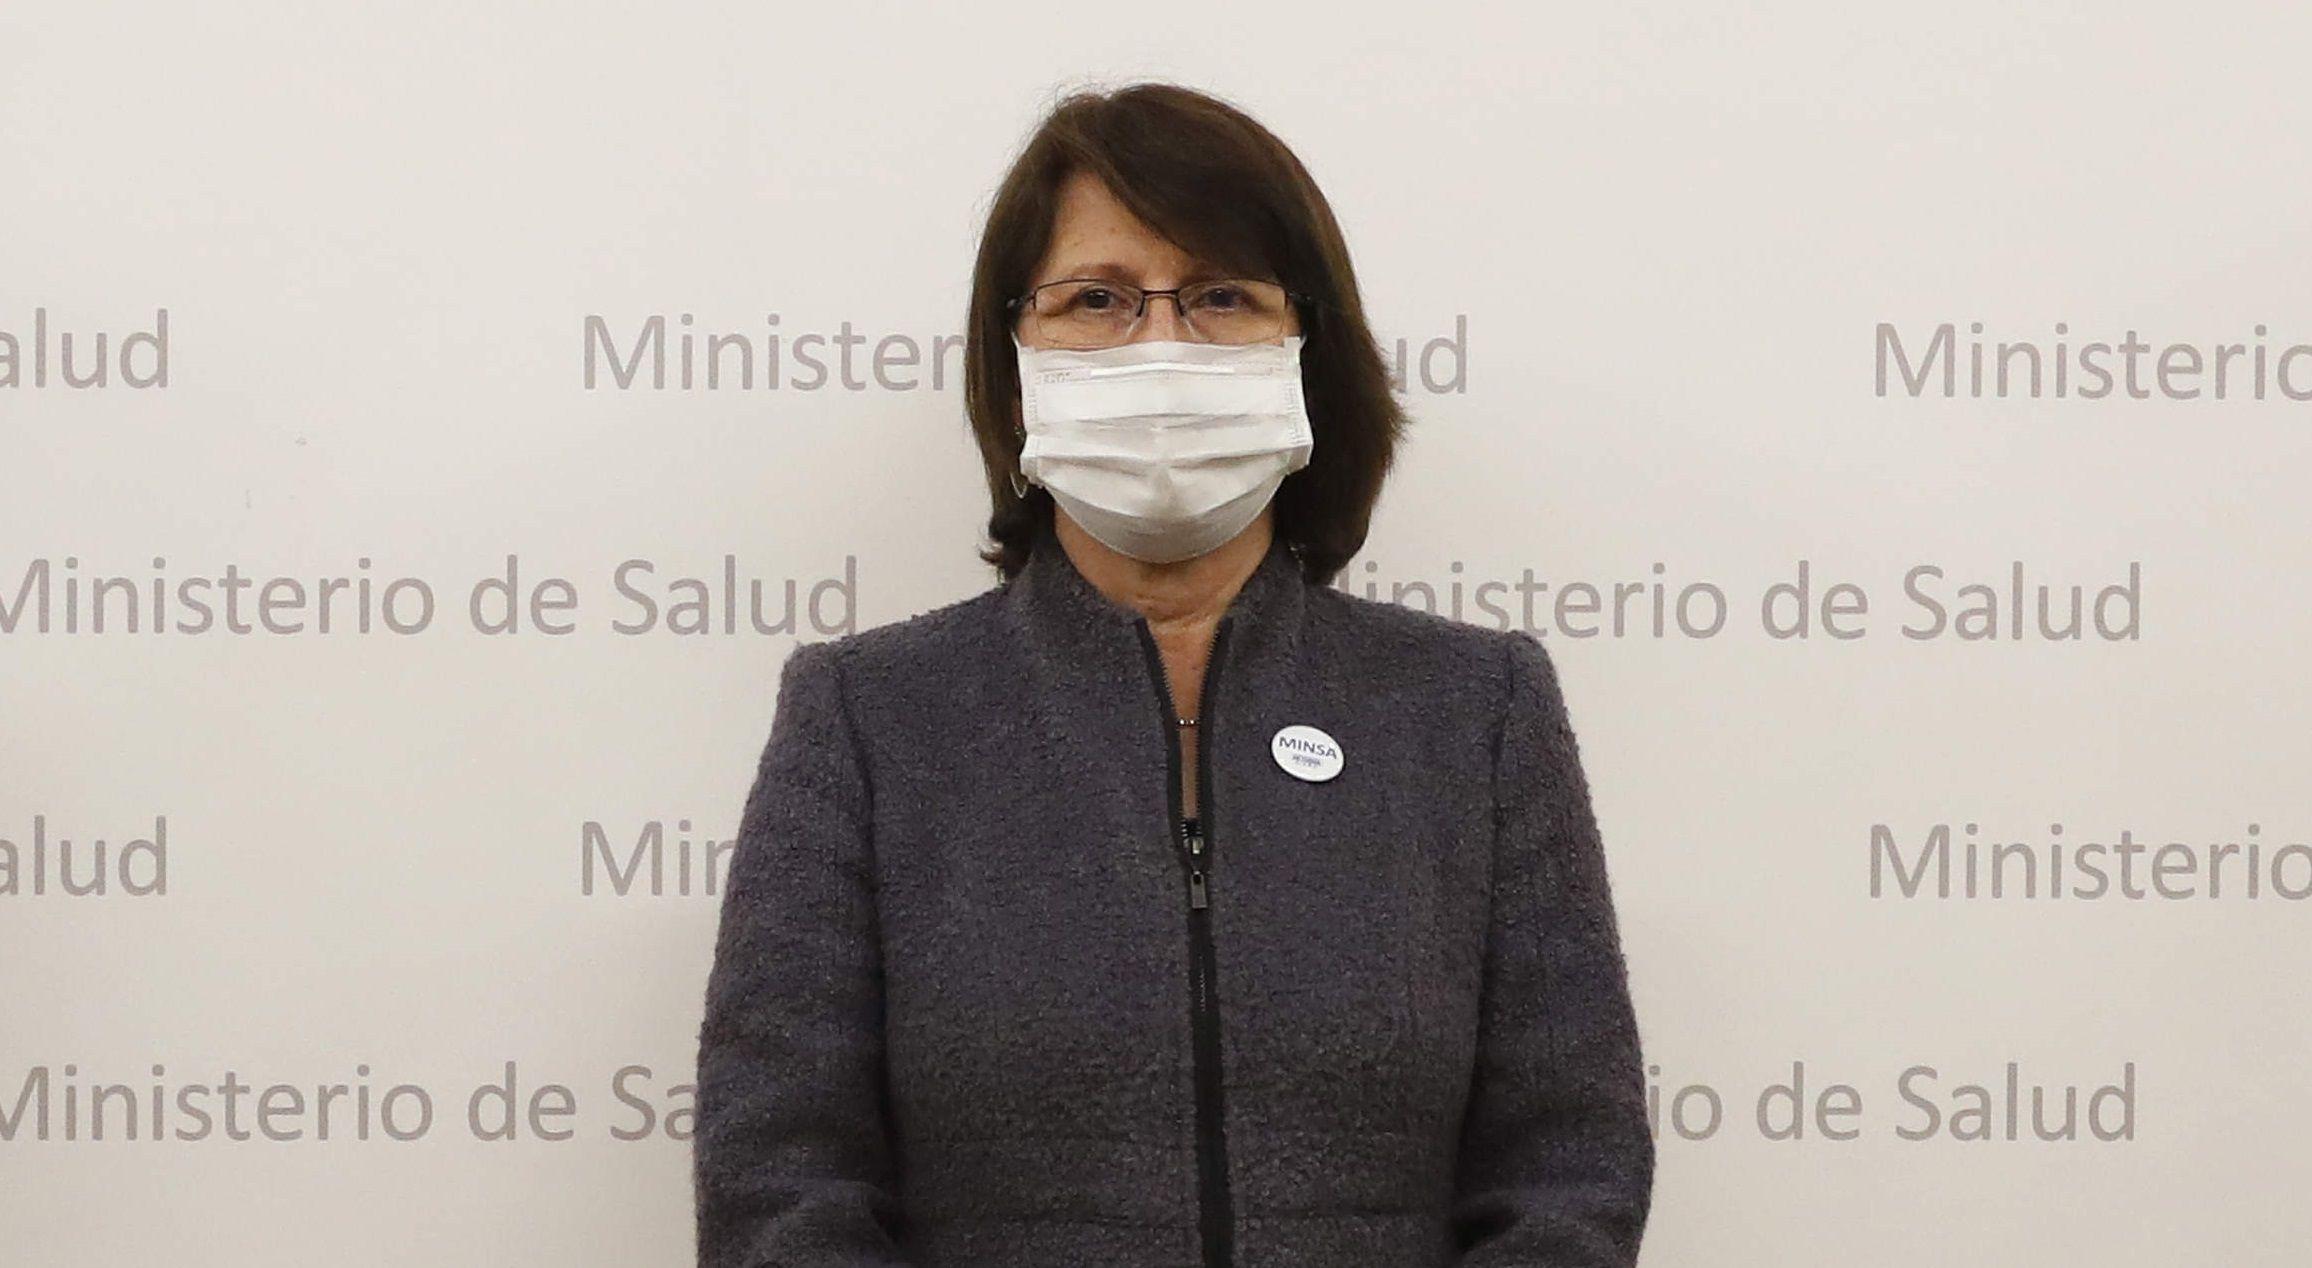 En la imagen la ministra de Salud de Perú, Pilar Mazzetti. EFE/Paolo Aguilar/Archivo